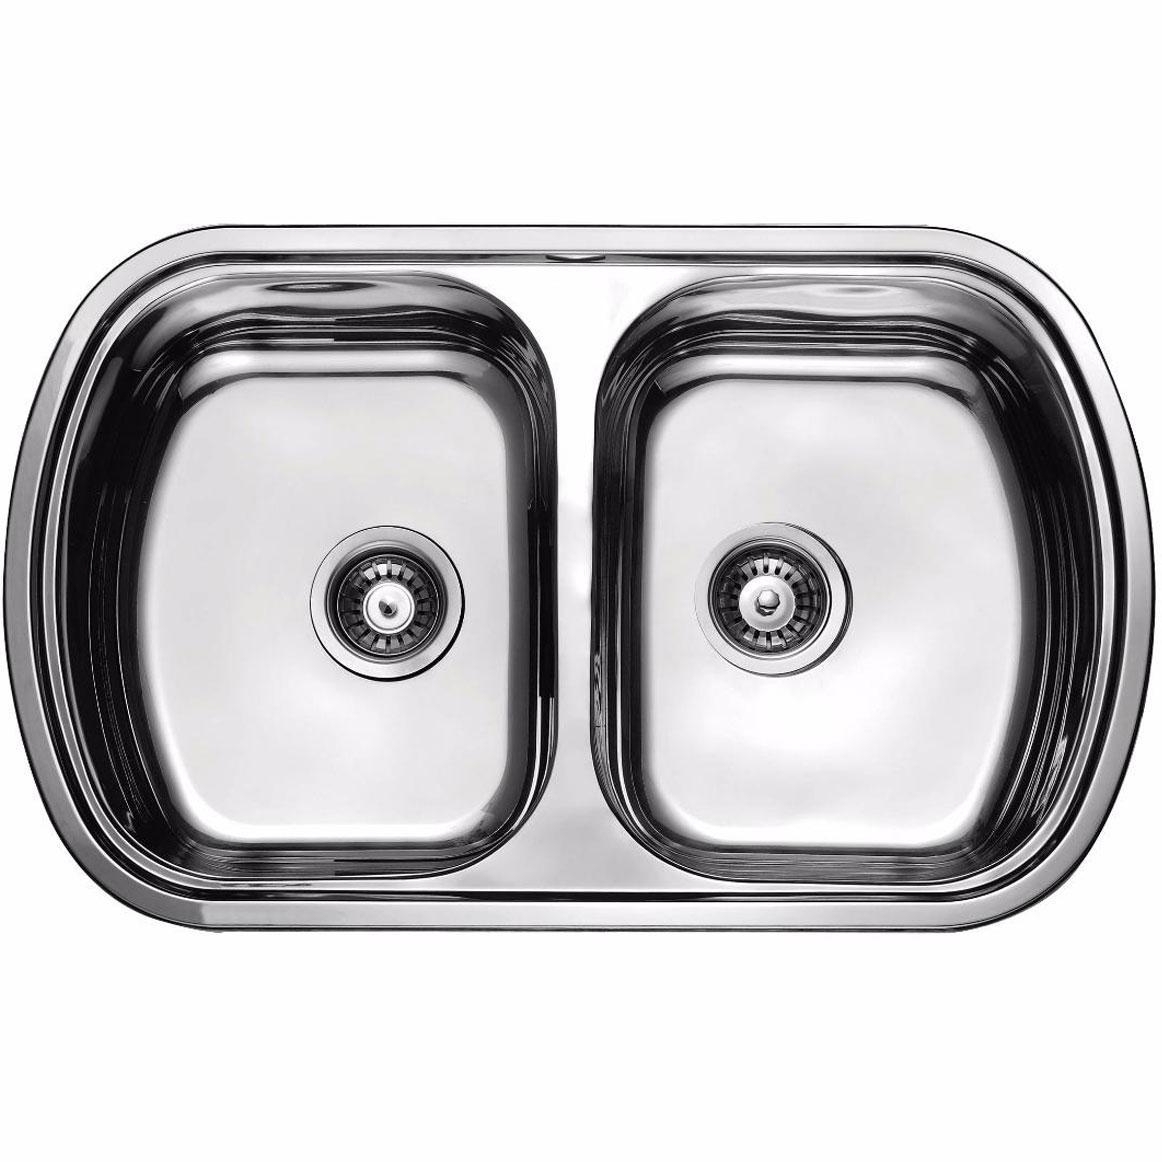 Кухонная мойка из нержавеющей стали ULA 7702 ZS DECOR